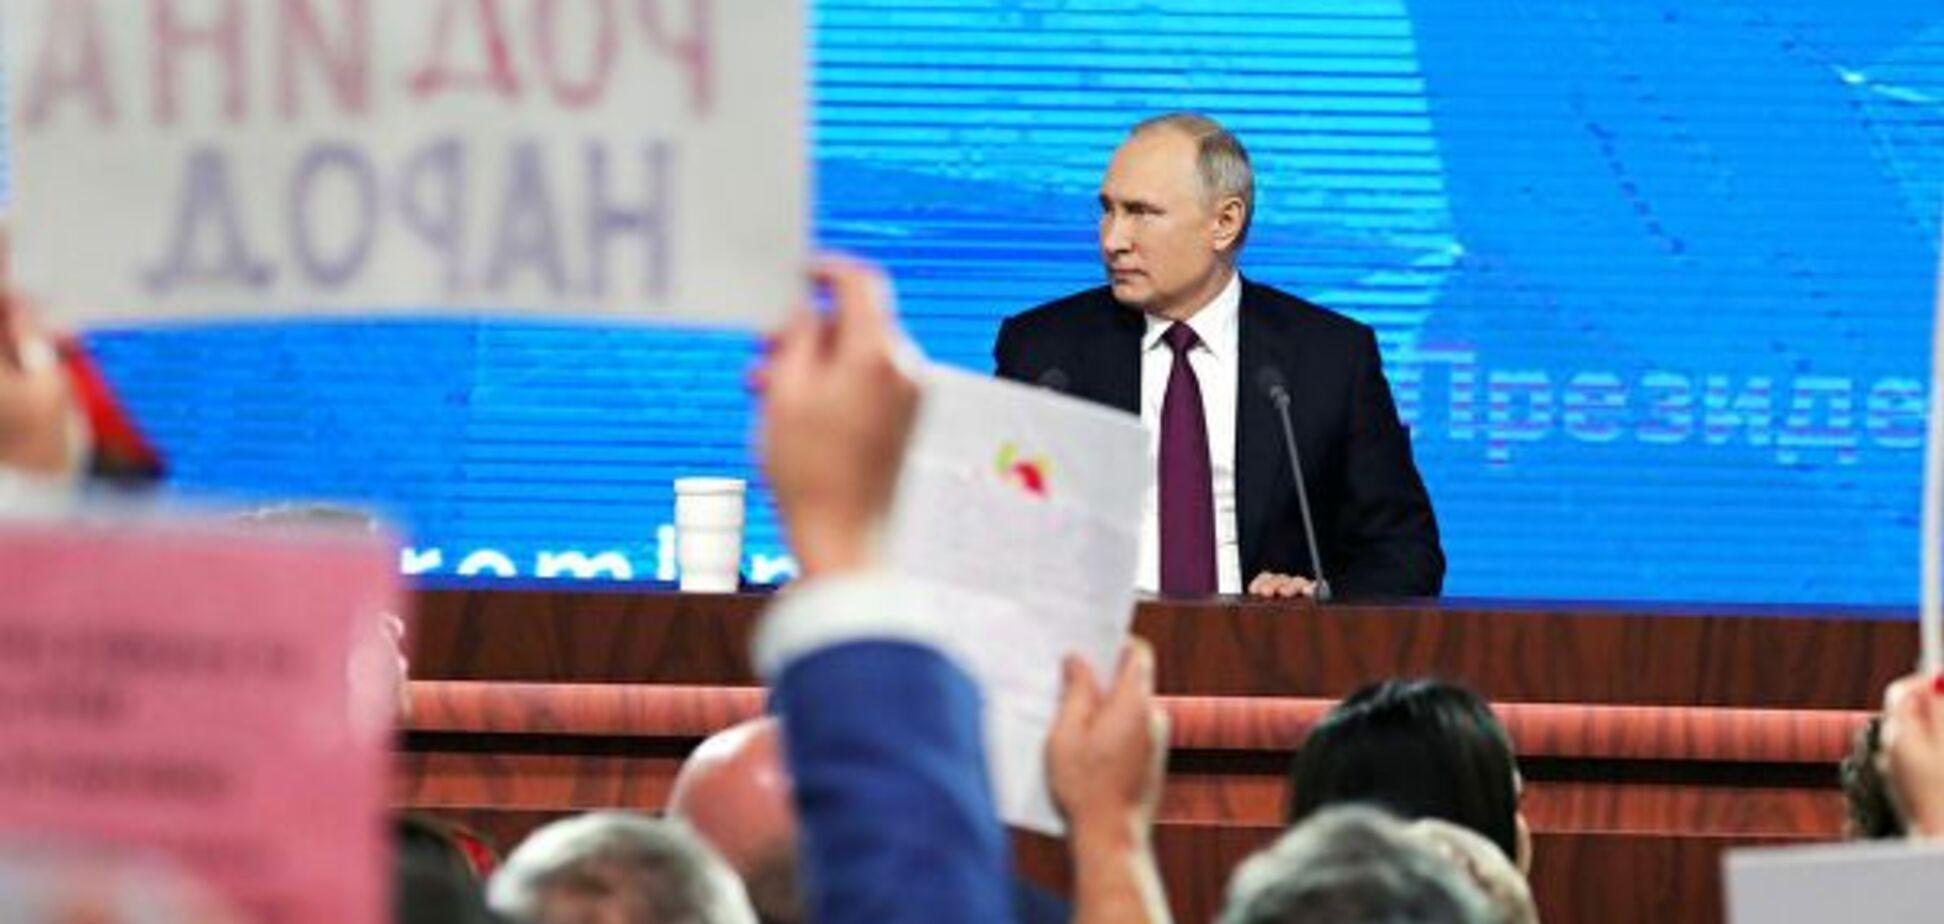 'Будет вранье!' Россиян 'взорвала' очередная пресс-конференция Путина. Видео